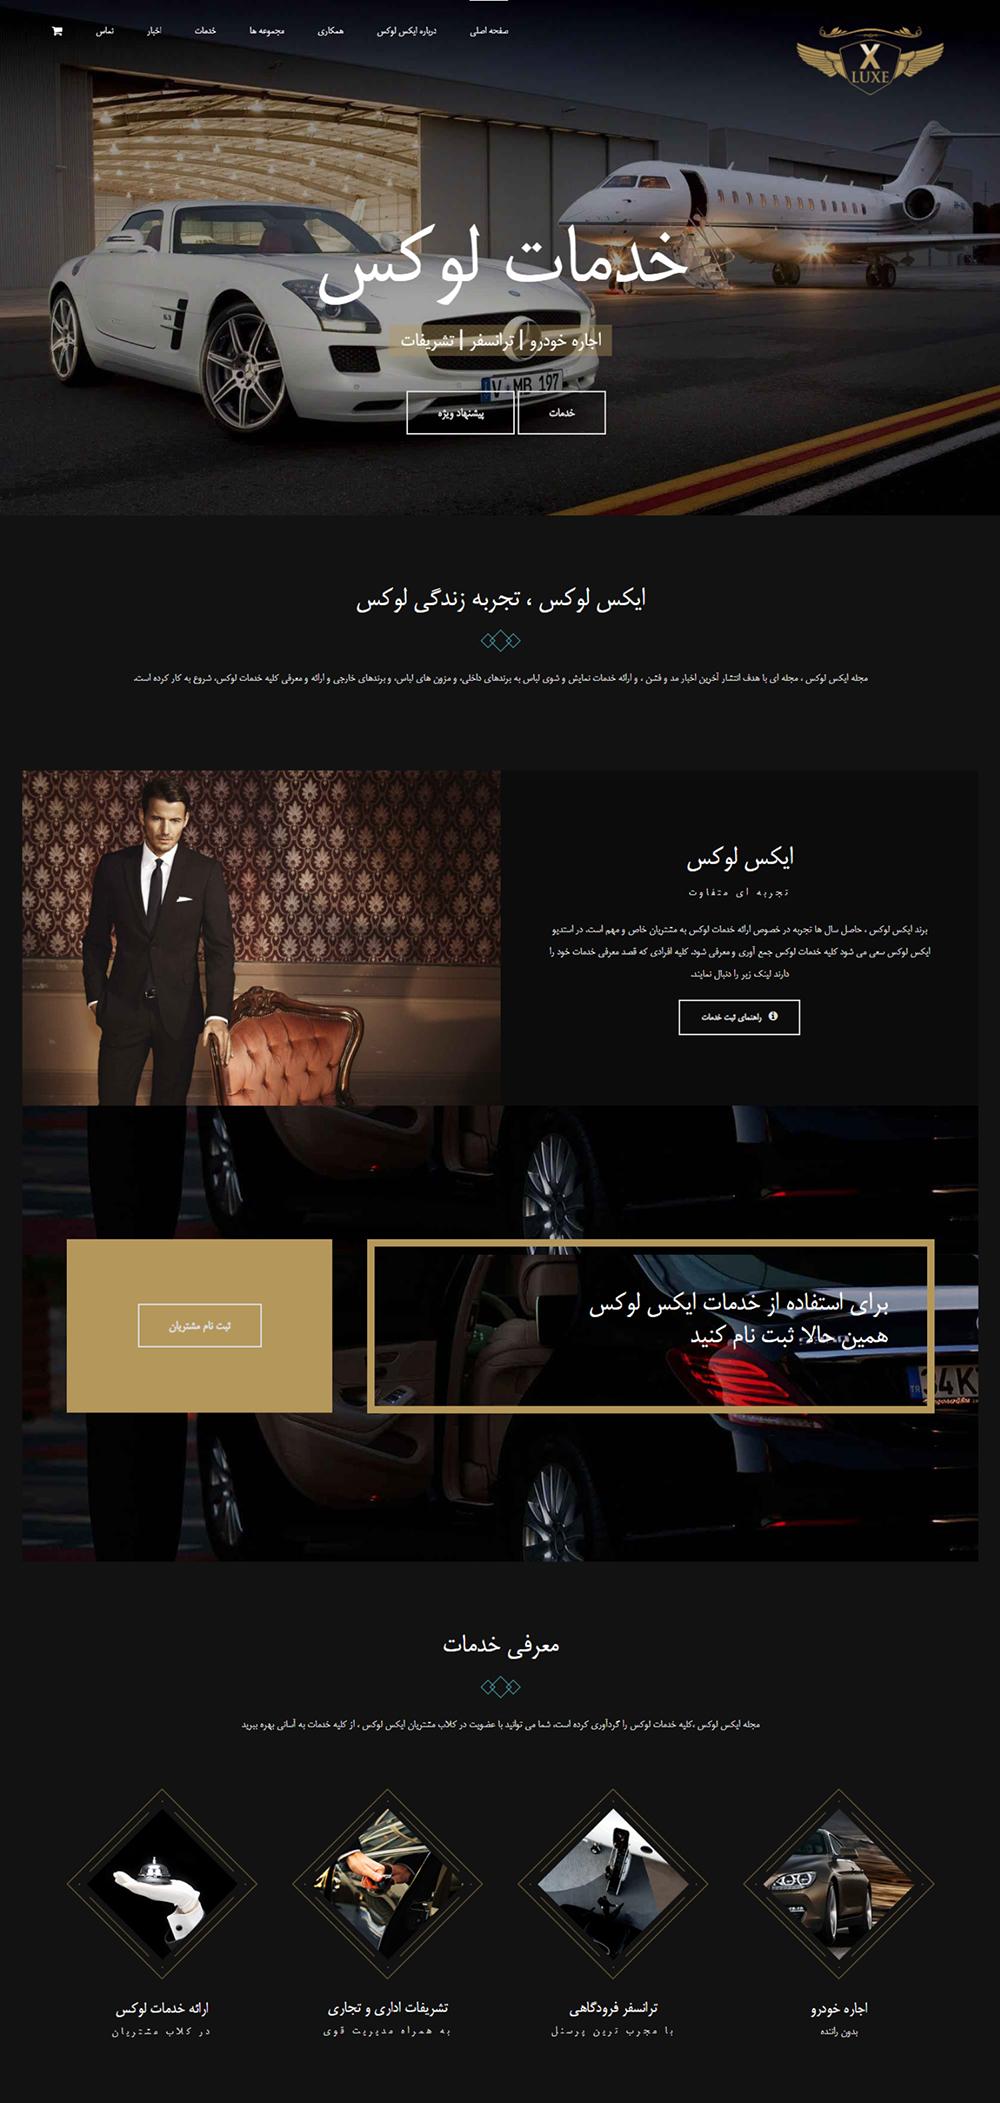 طراحی سایت مجله ایکس لوکس